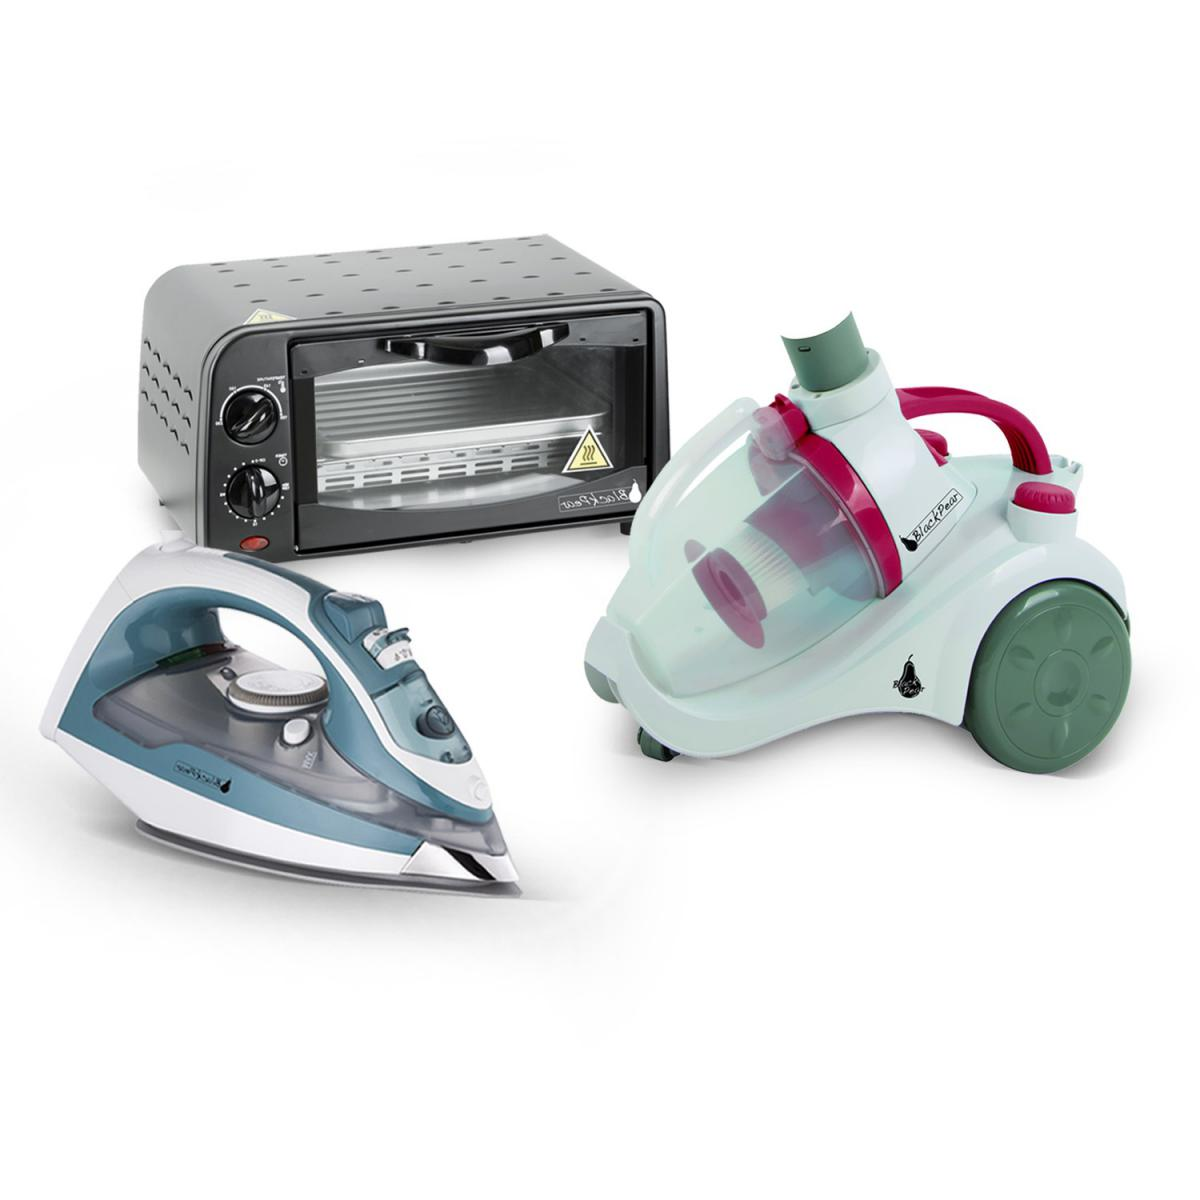 Blackpear Four electrique 9L + Aspirateur sans sac 700W + Fer à repasser 1800W